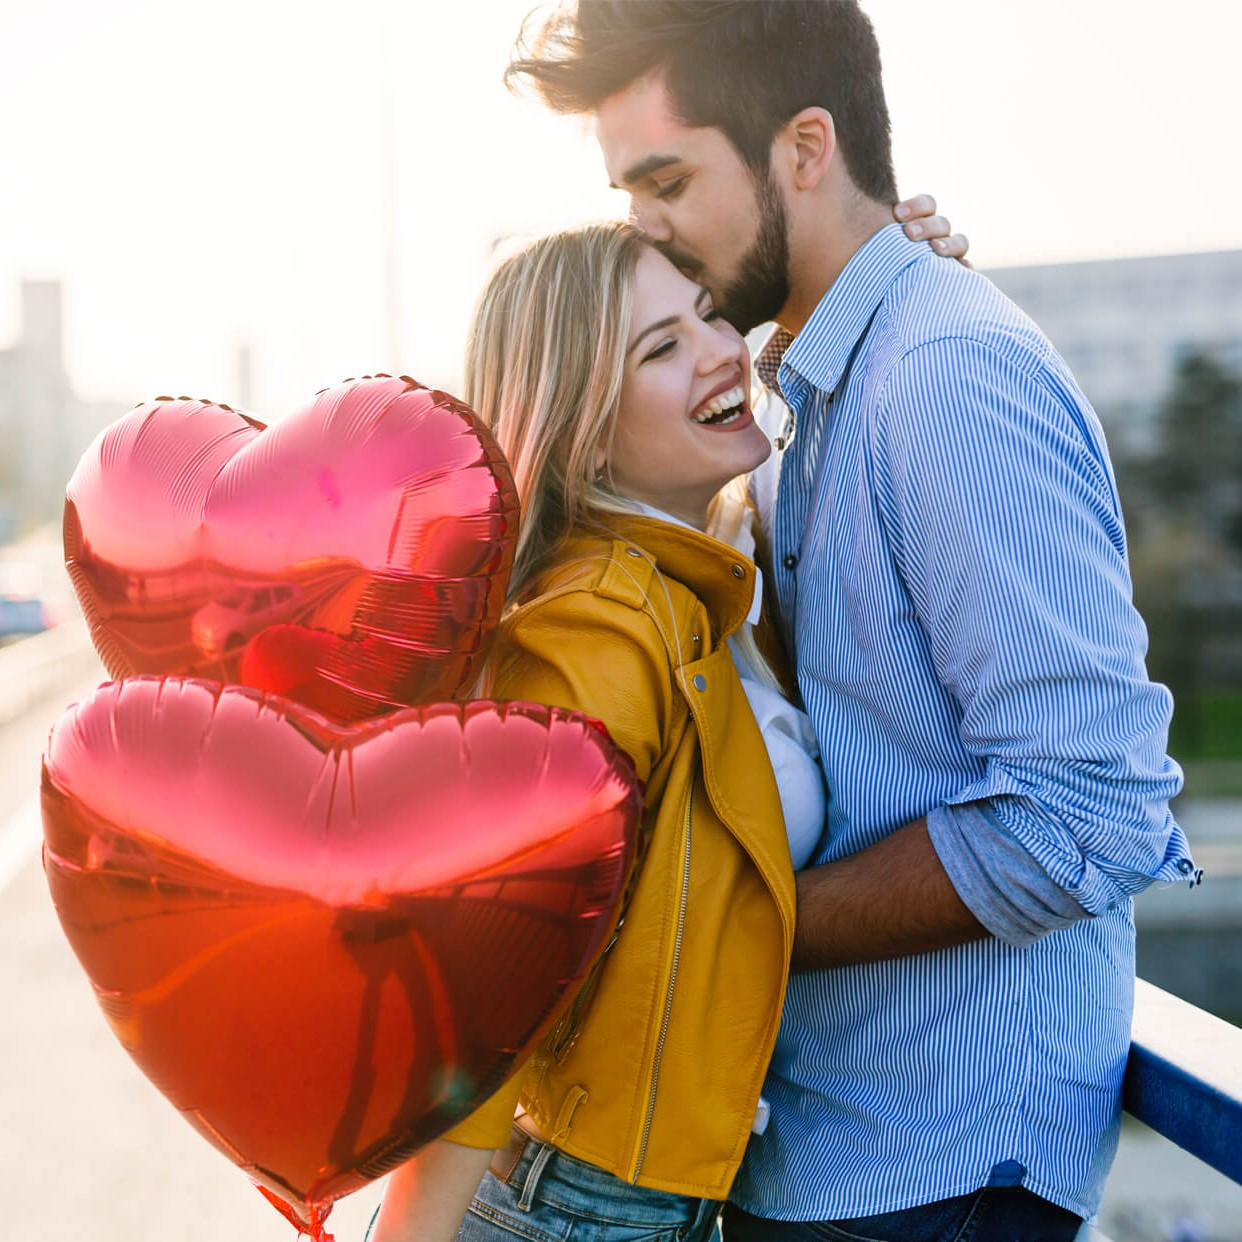 Réservez un photographe pour un shooting romantique.